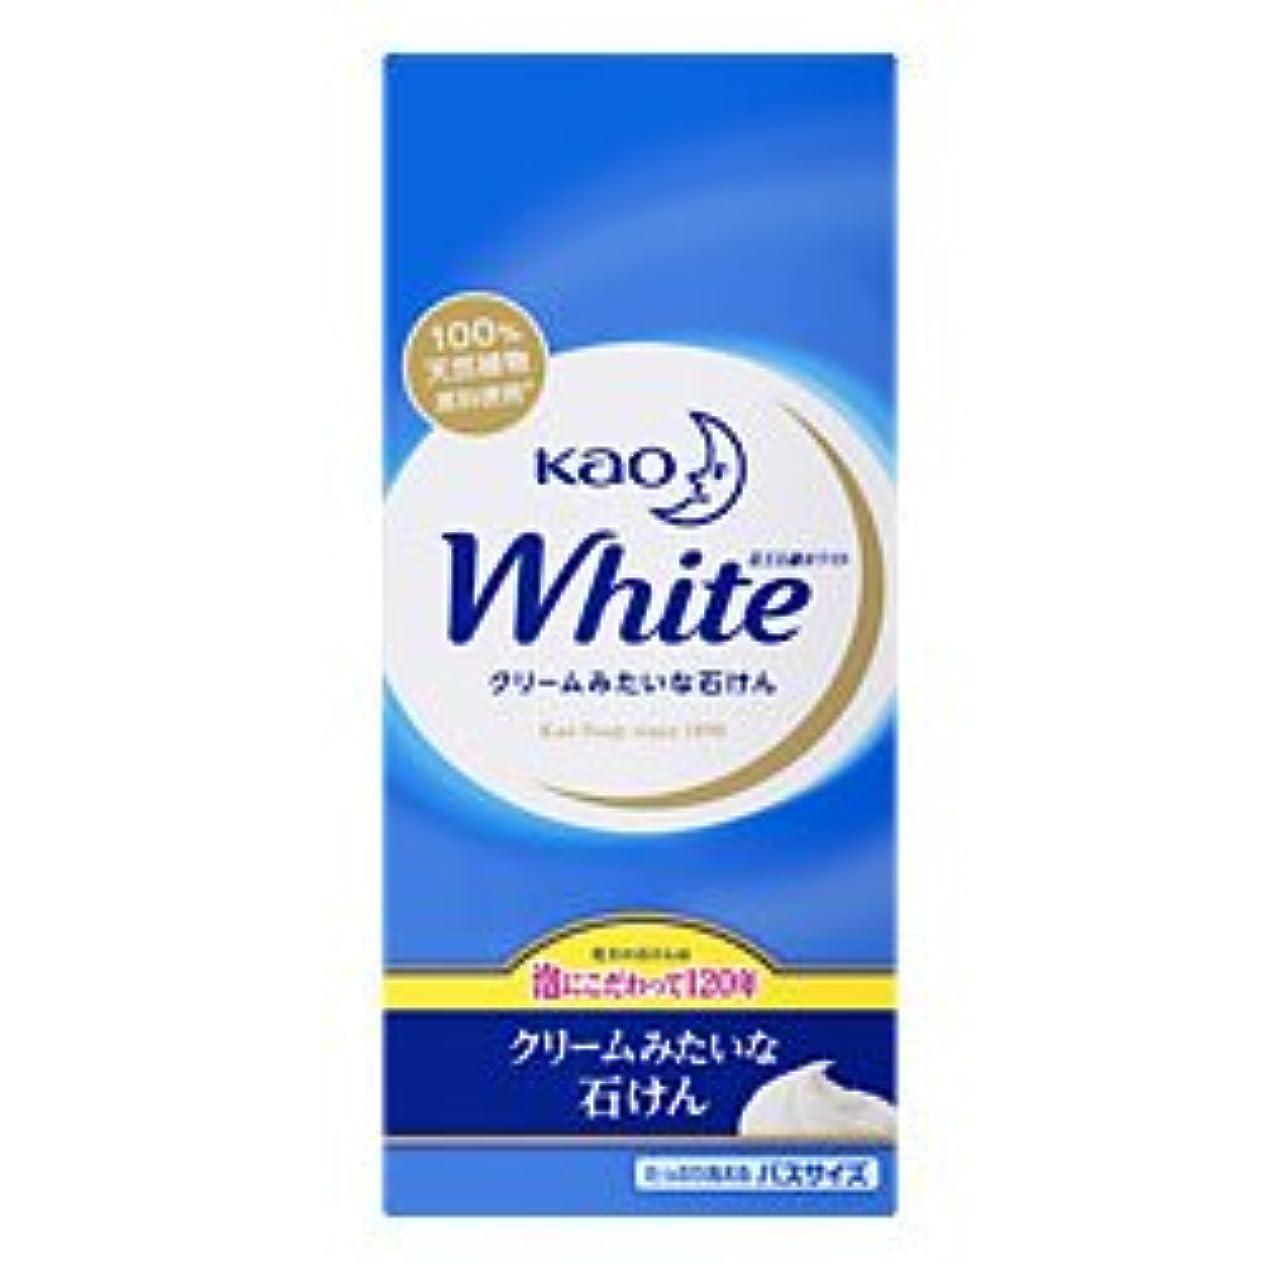 見物人ブロッサム大学【花王】花王ホワイト バスサイズ 130g×6個 ×10個セット